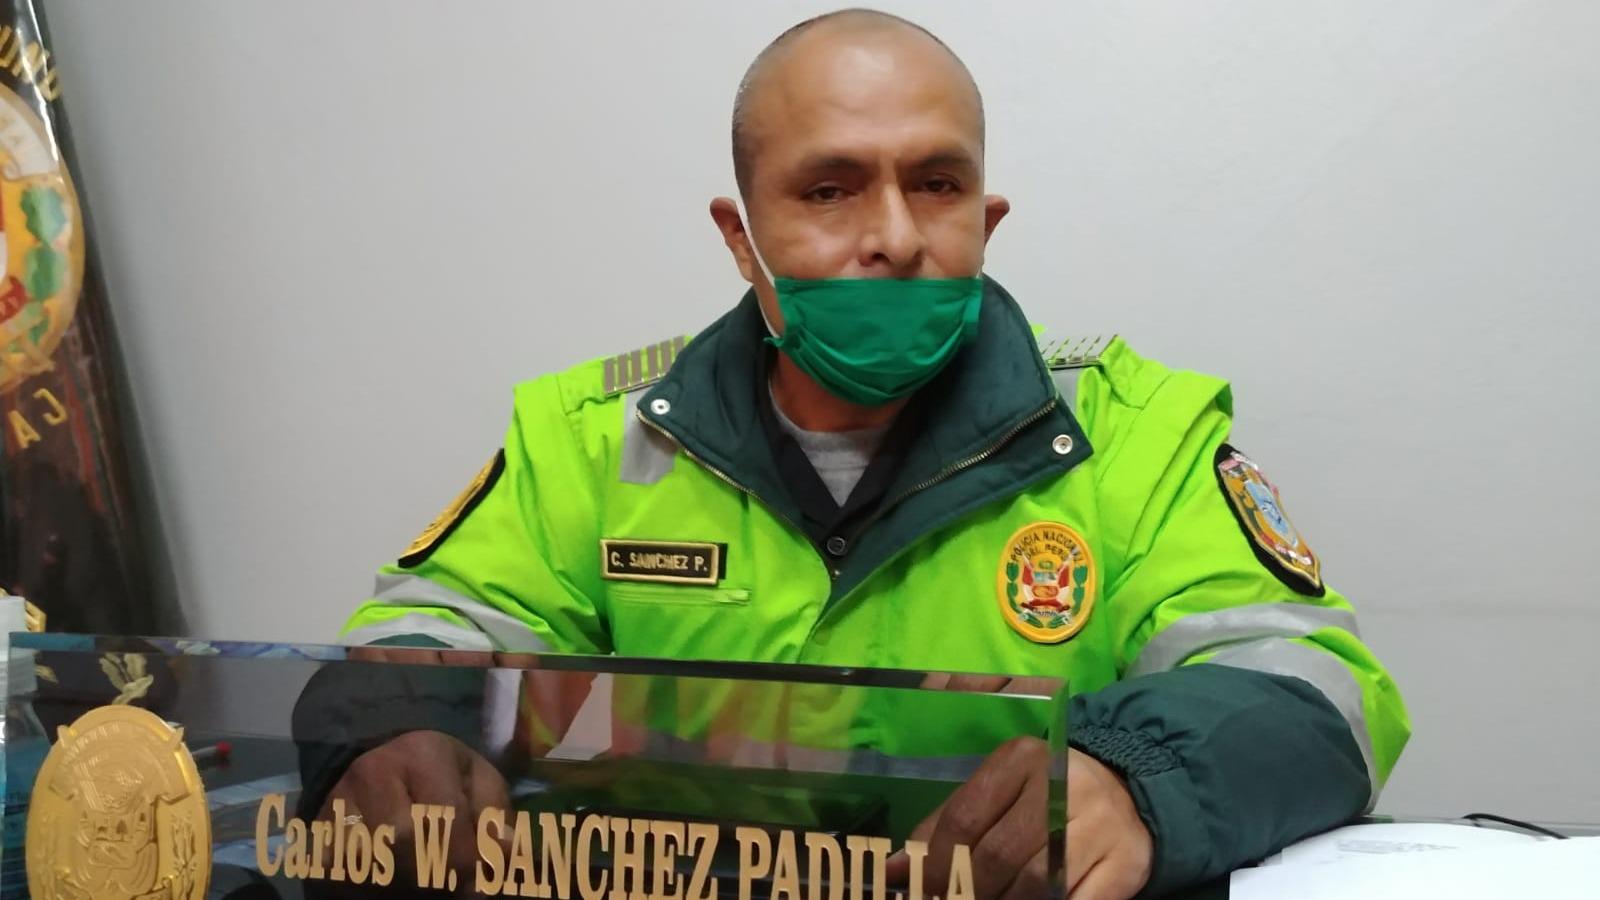 El coronel Sánchez Padilla señaló que no se pudo realizar todas las diligencias del caso.